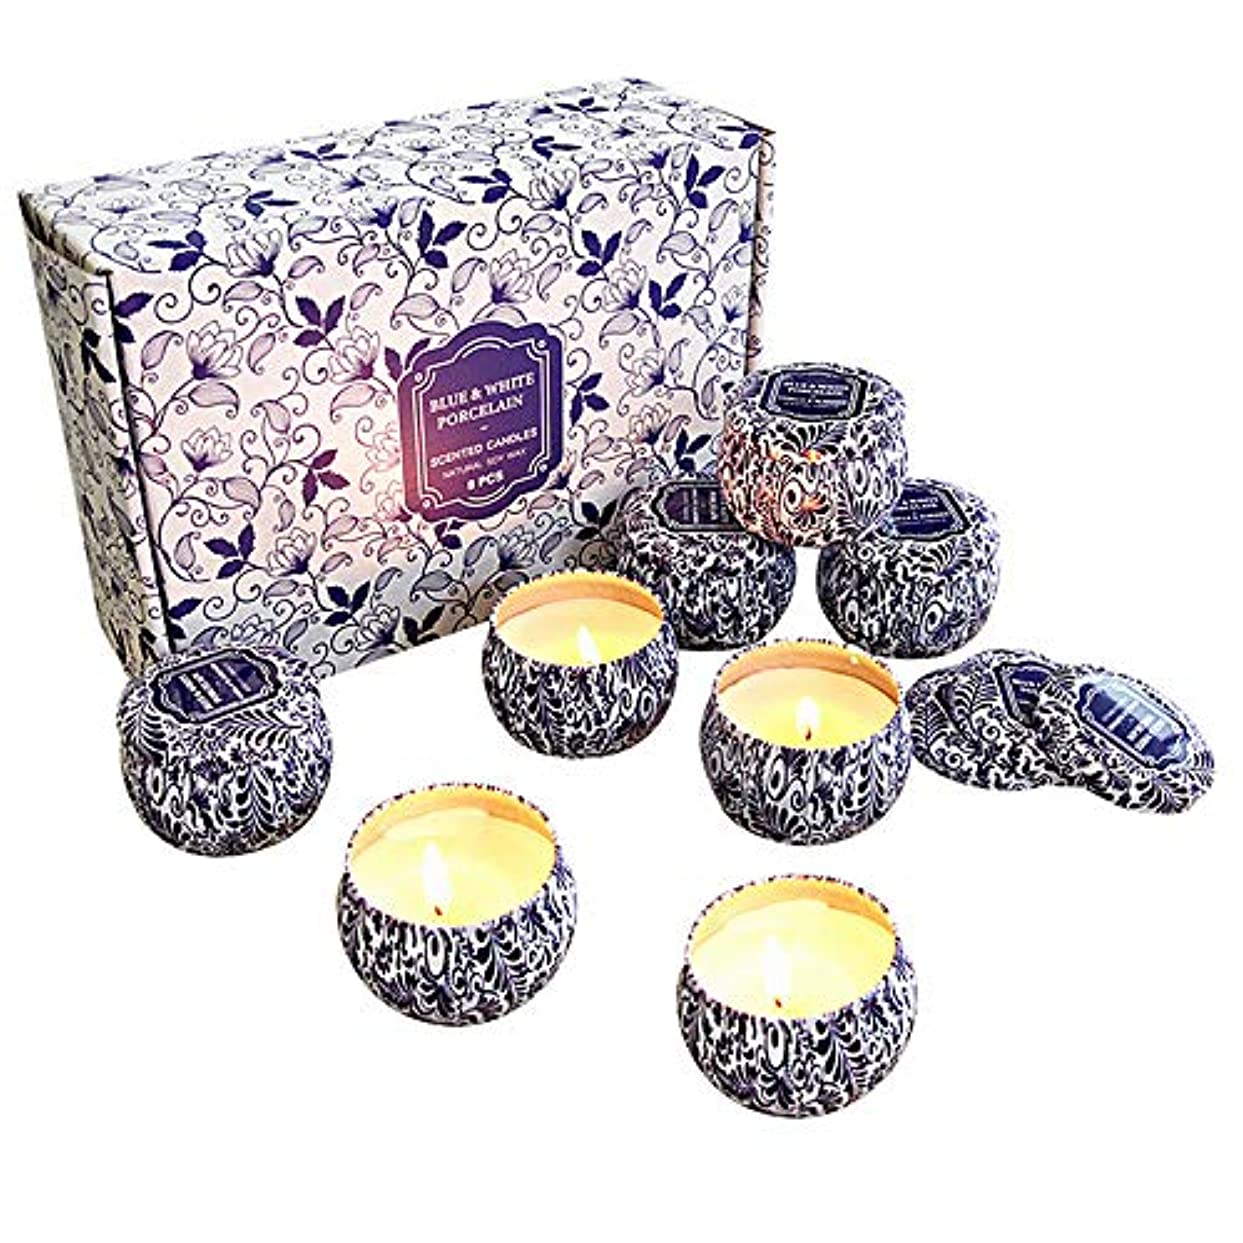 水怠な剥離香りのキャンドルギフトセット、大豆ワックスナチュラルビーガンキャンドルの香りが温かく居心地の良い雰囲気を作成、男性または女性のためのストレスリラックスキャンドルギフト、8個